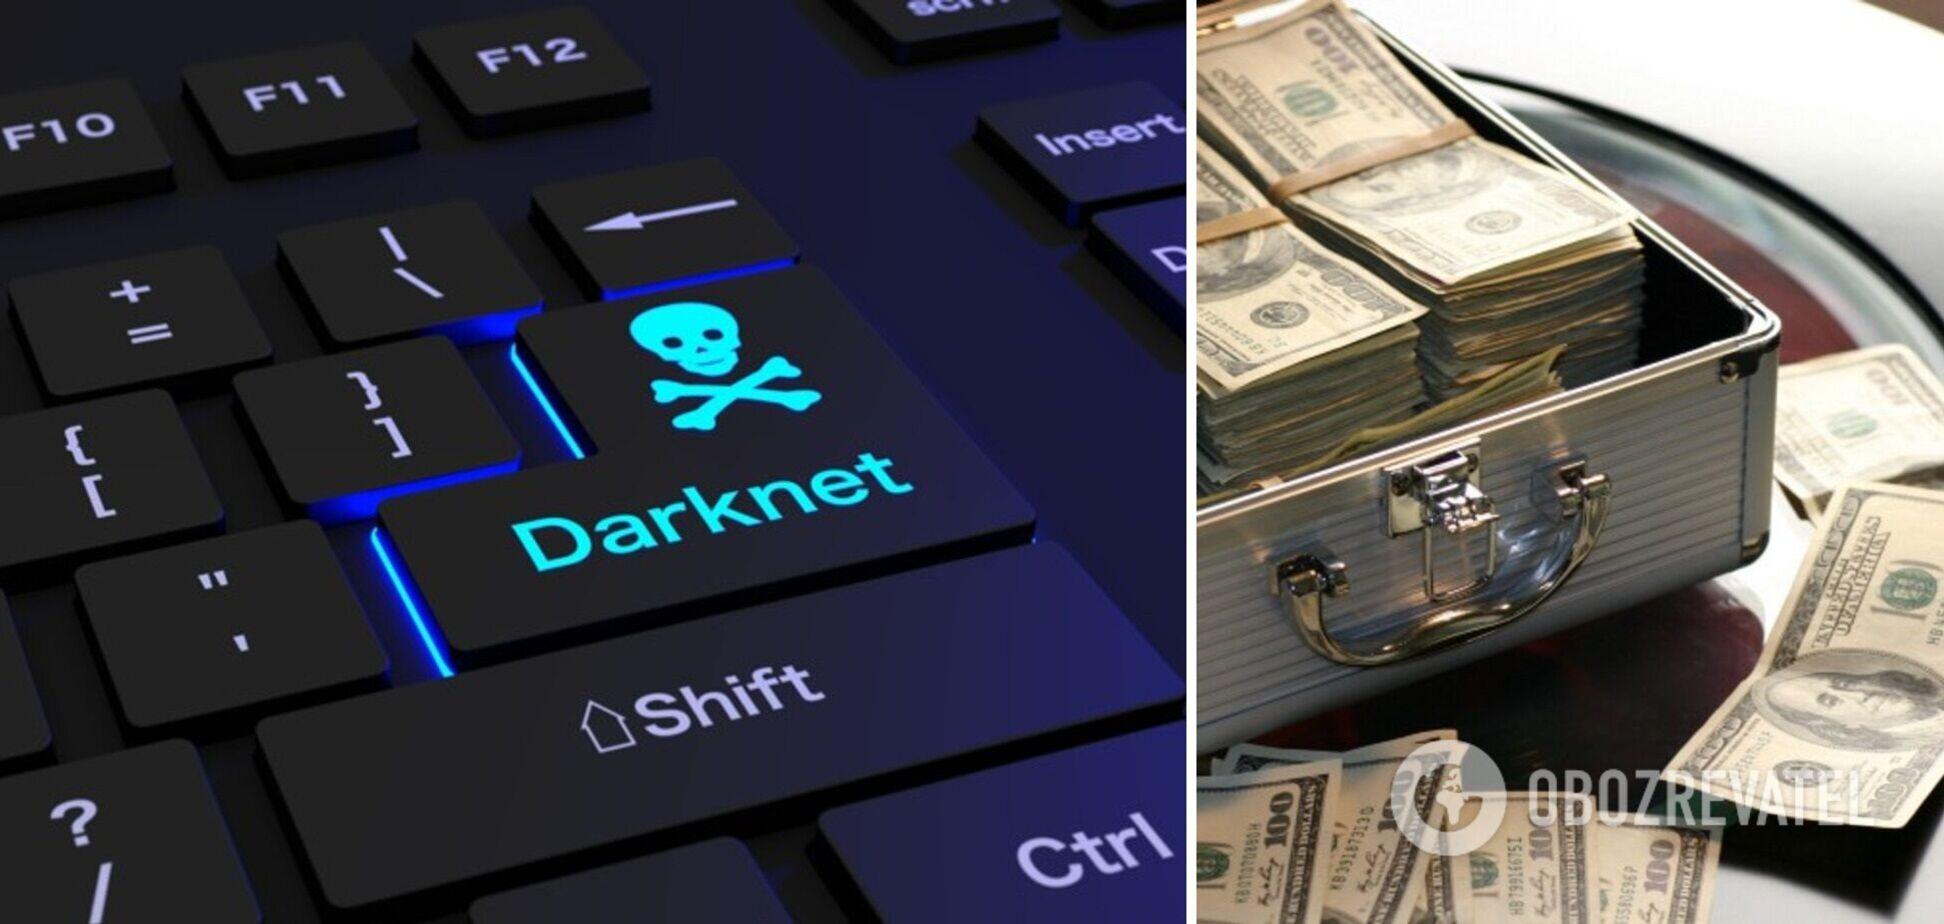 Українці відмили десятки мільйонів доларів через Darknet